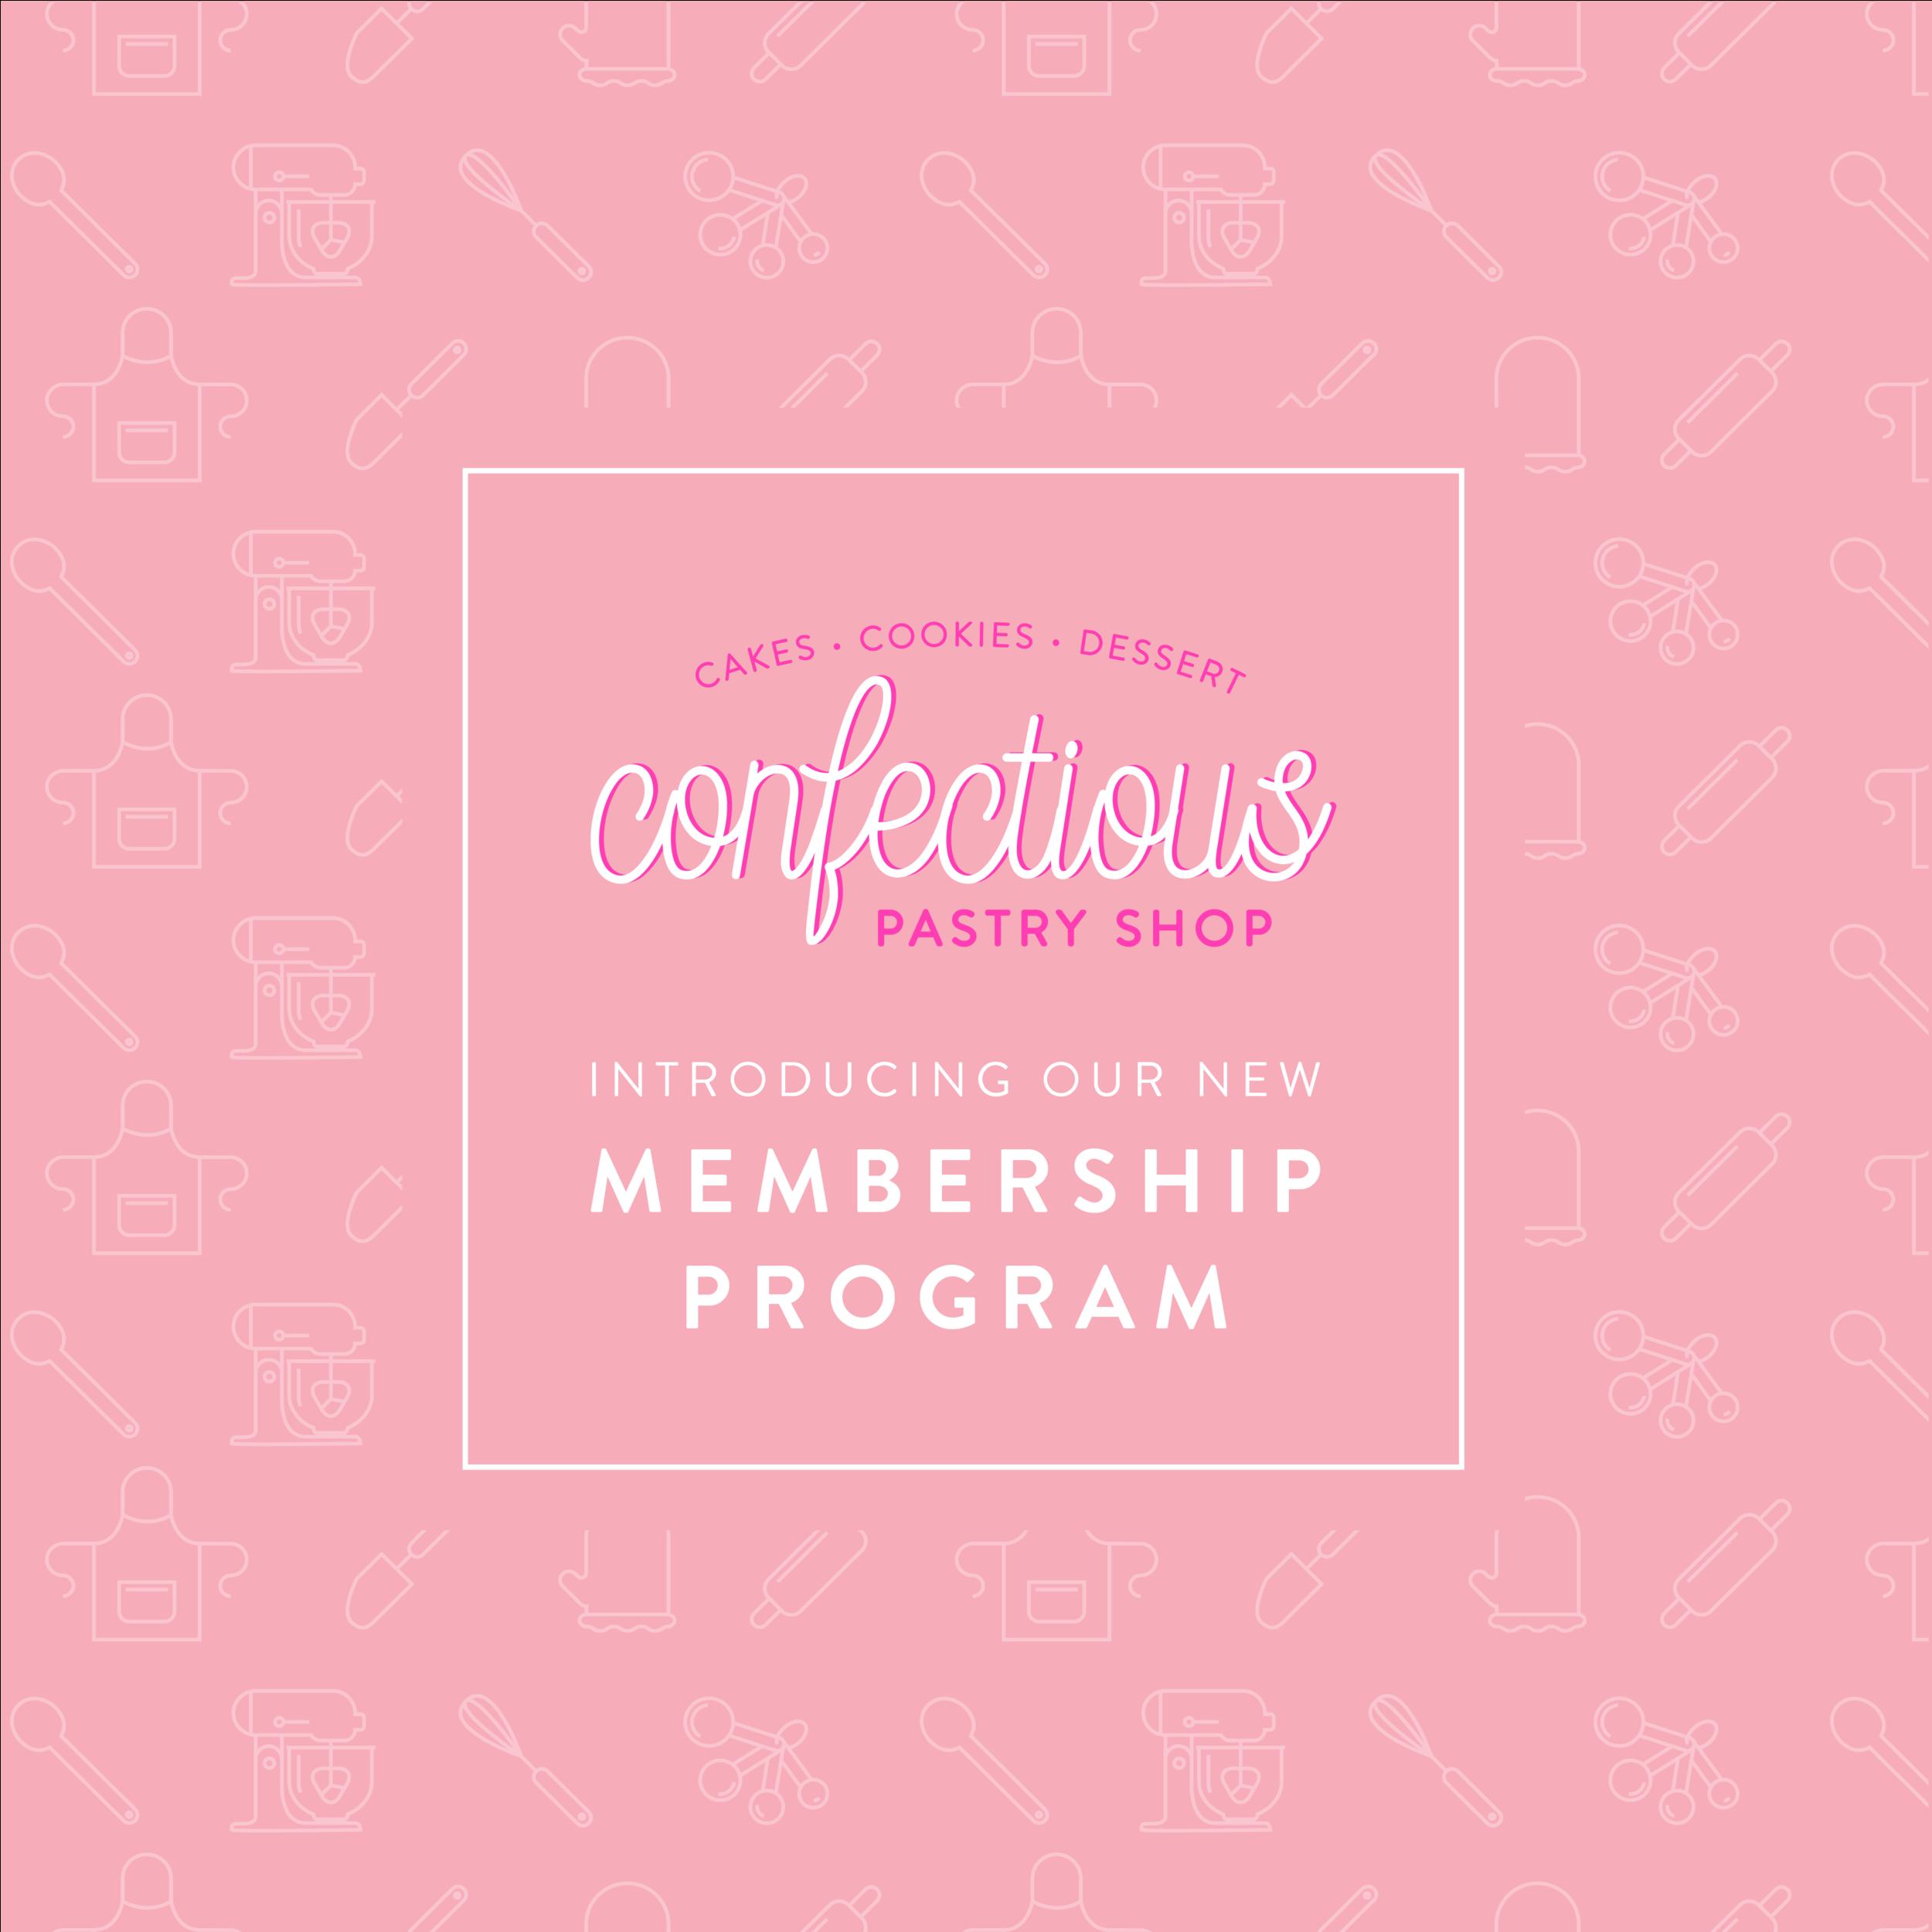 membership_insta_announcement-01.png